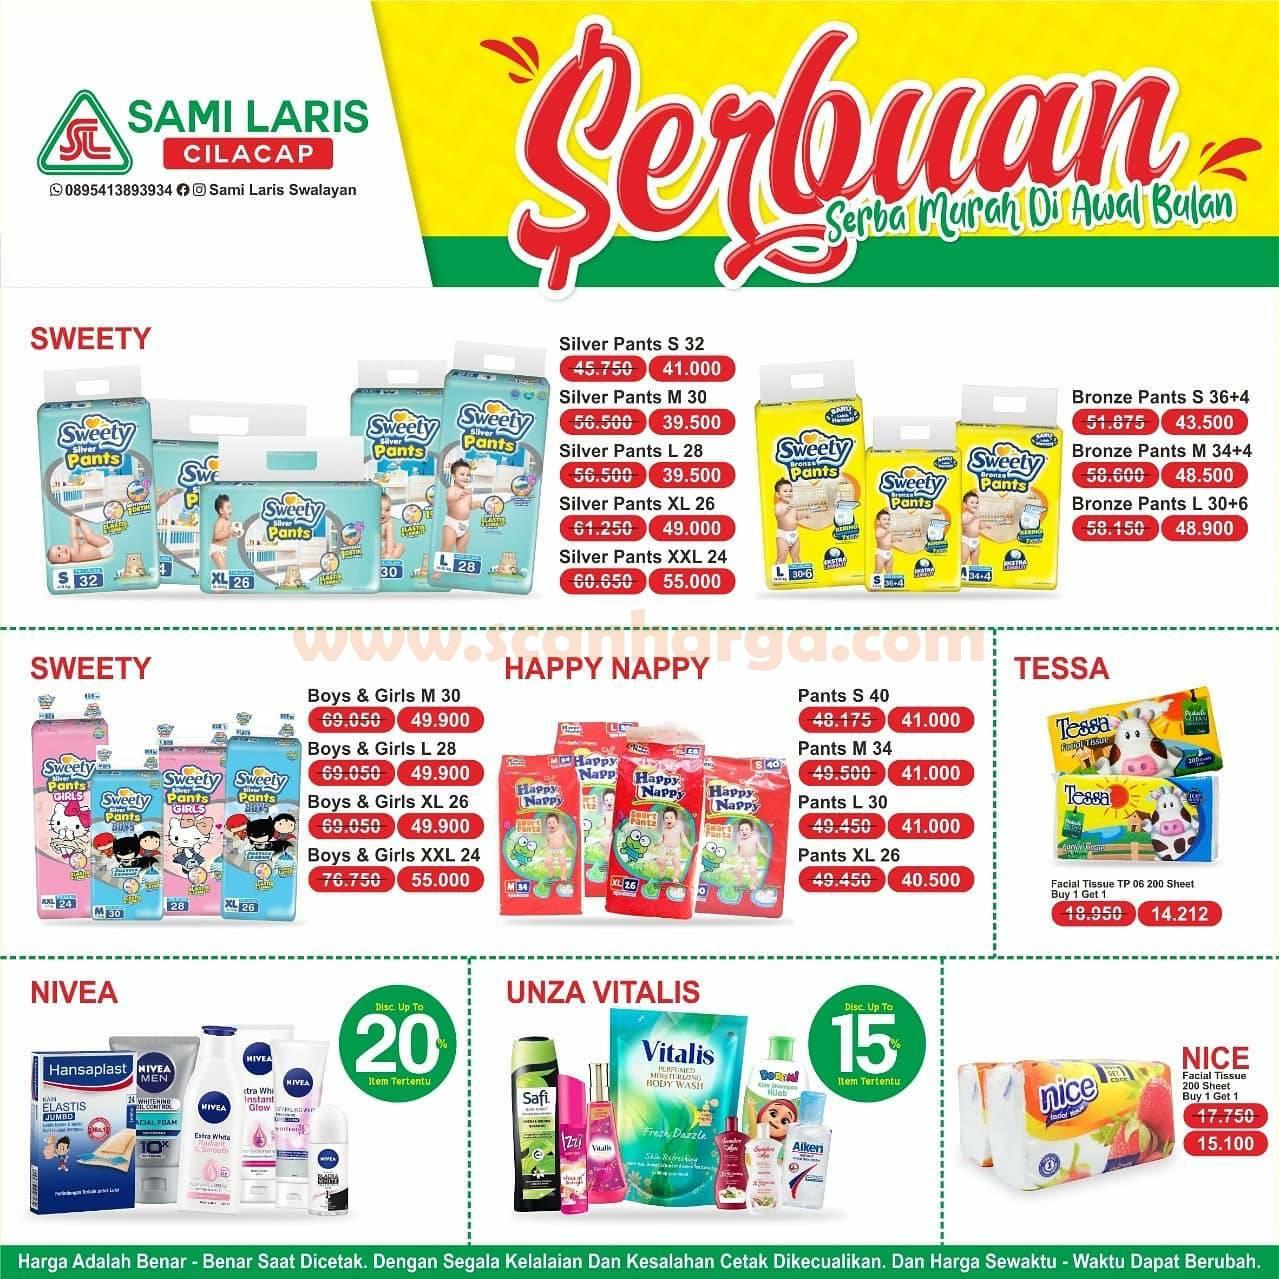 Katalog Sami Laris Swalayan Promo Serbuan Periode 1 - 15 Oktober 2020